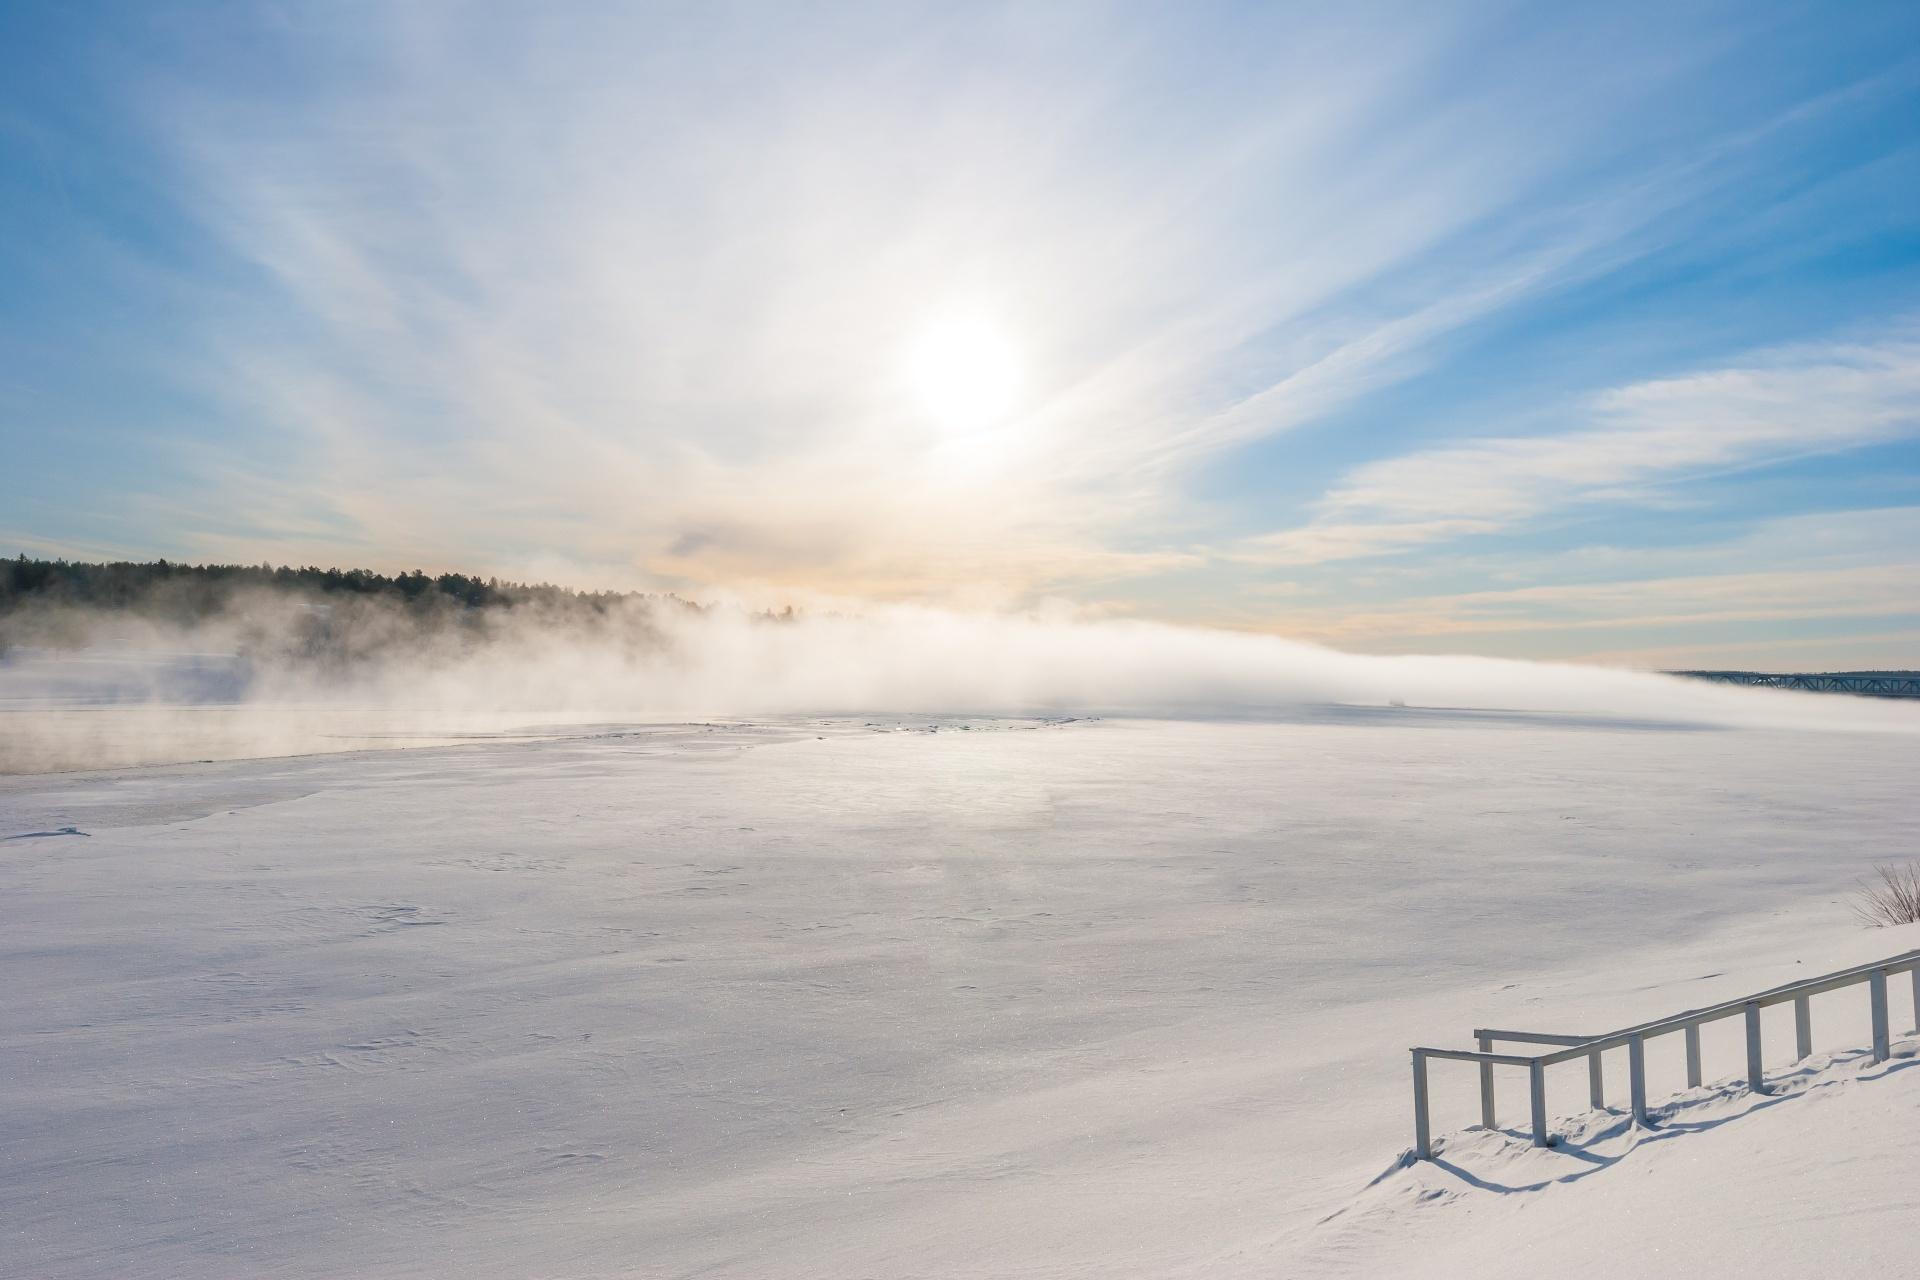 冬のロバニエミ フィンランドの風景